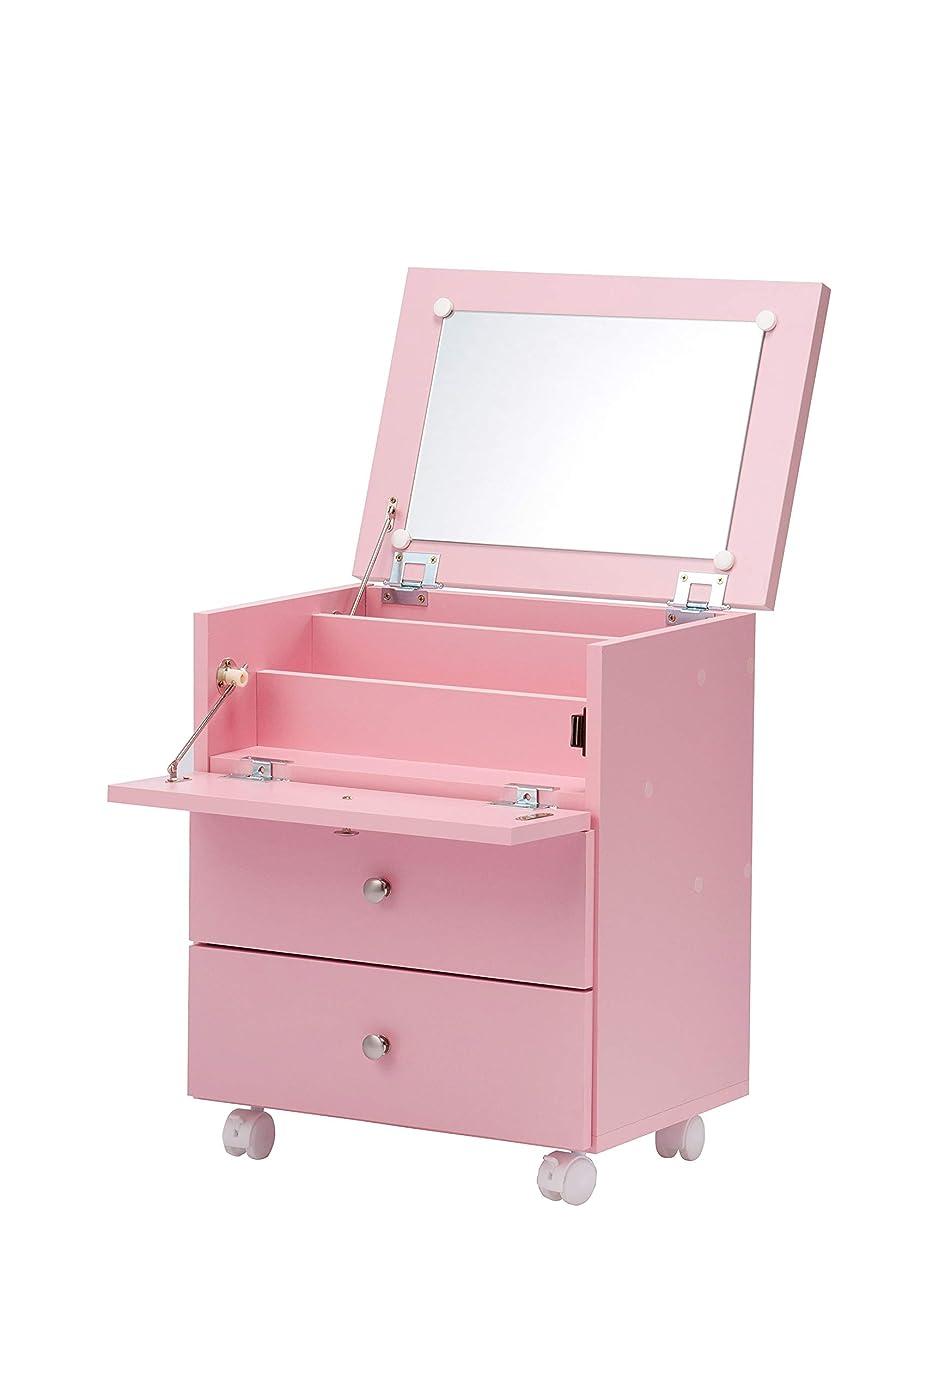 闇タヒチ明確にドレッサー 高さ53cm 鏡台 メイクボックス キャスター付 N-3103 ピンク 完成品